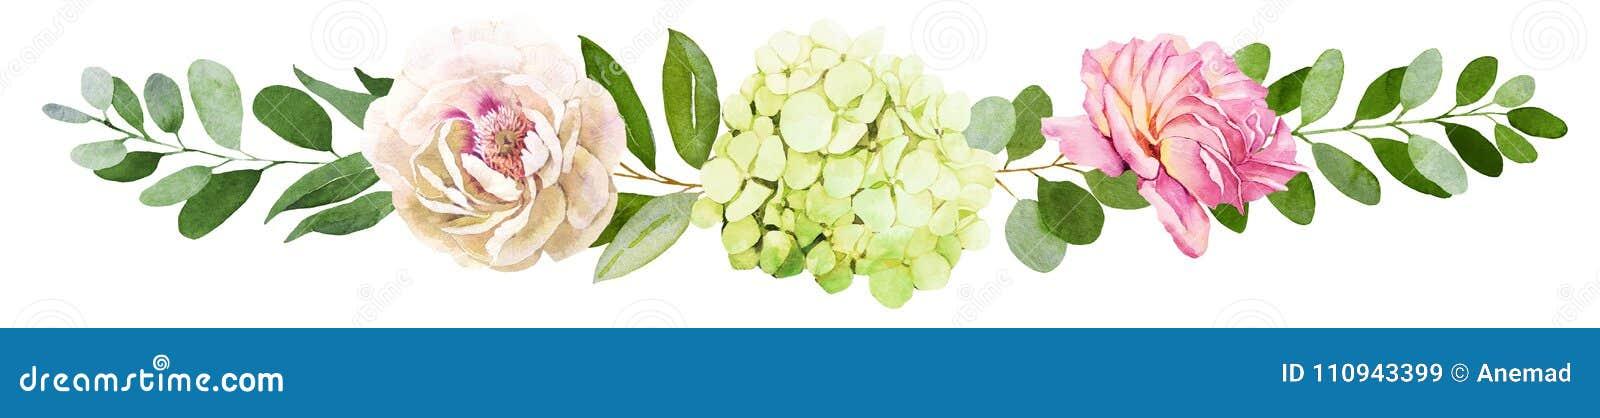 γάμος πρώτου πλάνου εστίασης 3 ανθοδεσμών Το Peony, Hydrangea και αυξήθηκε watercolor IL λουλουδιών